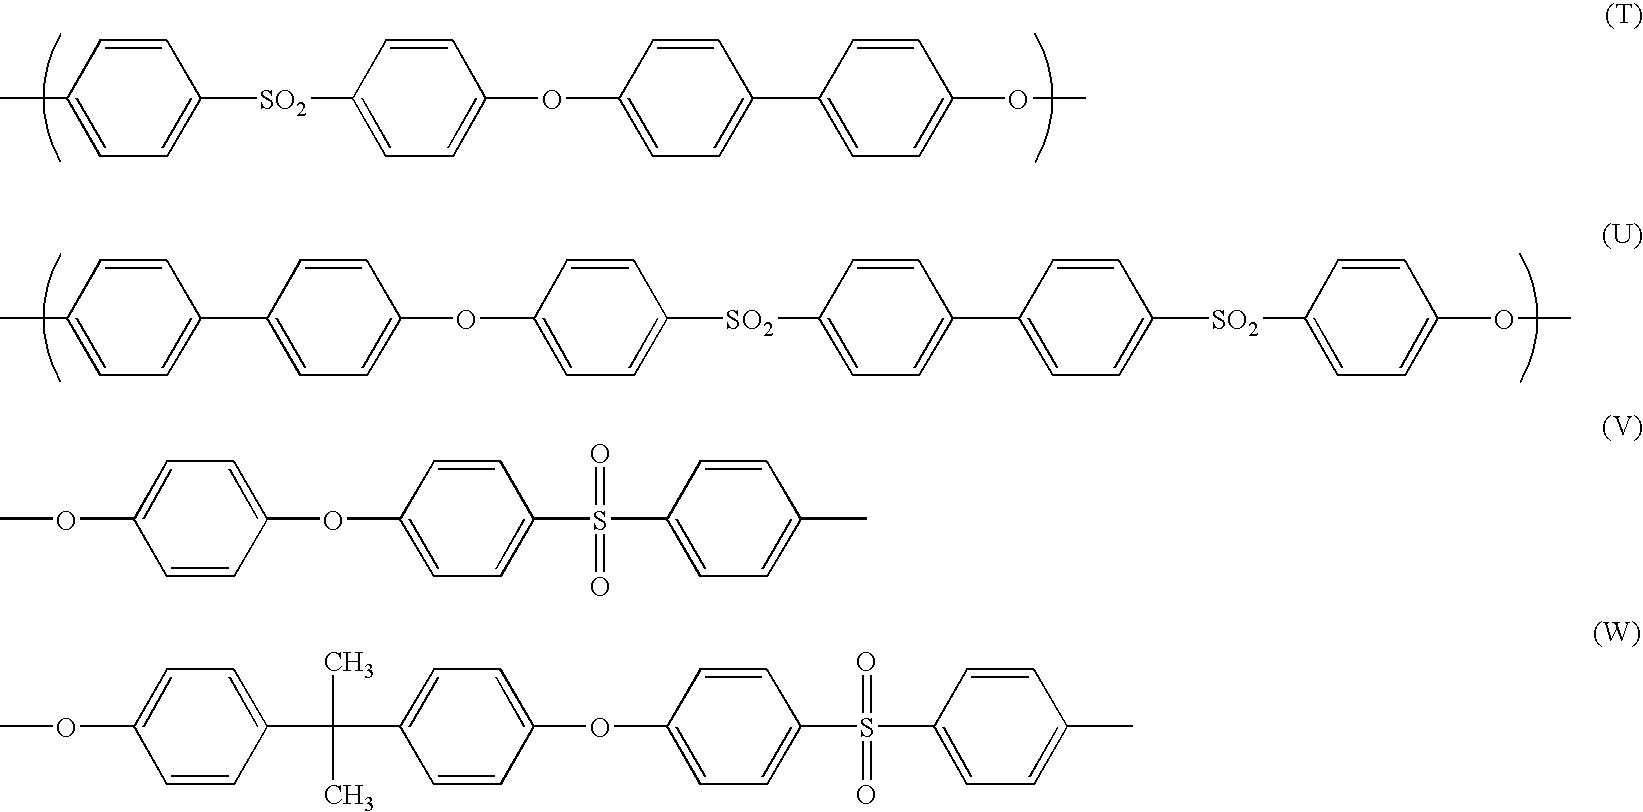 Figure US20100273957A1-20101028-C00042